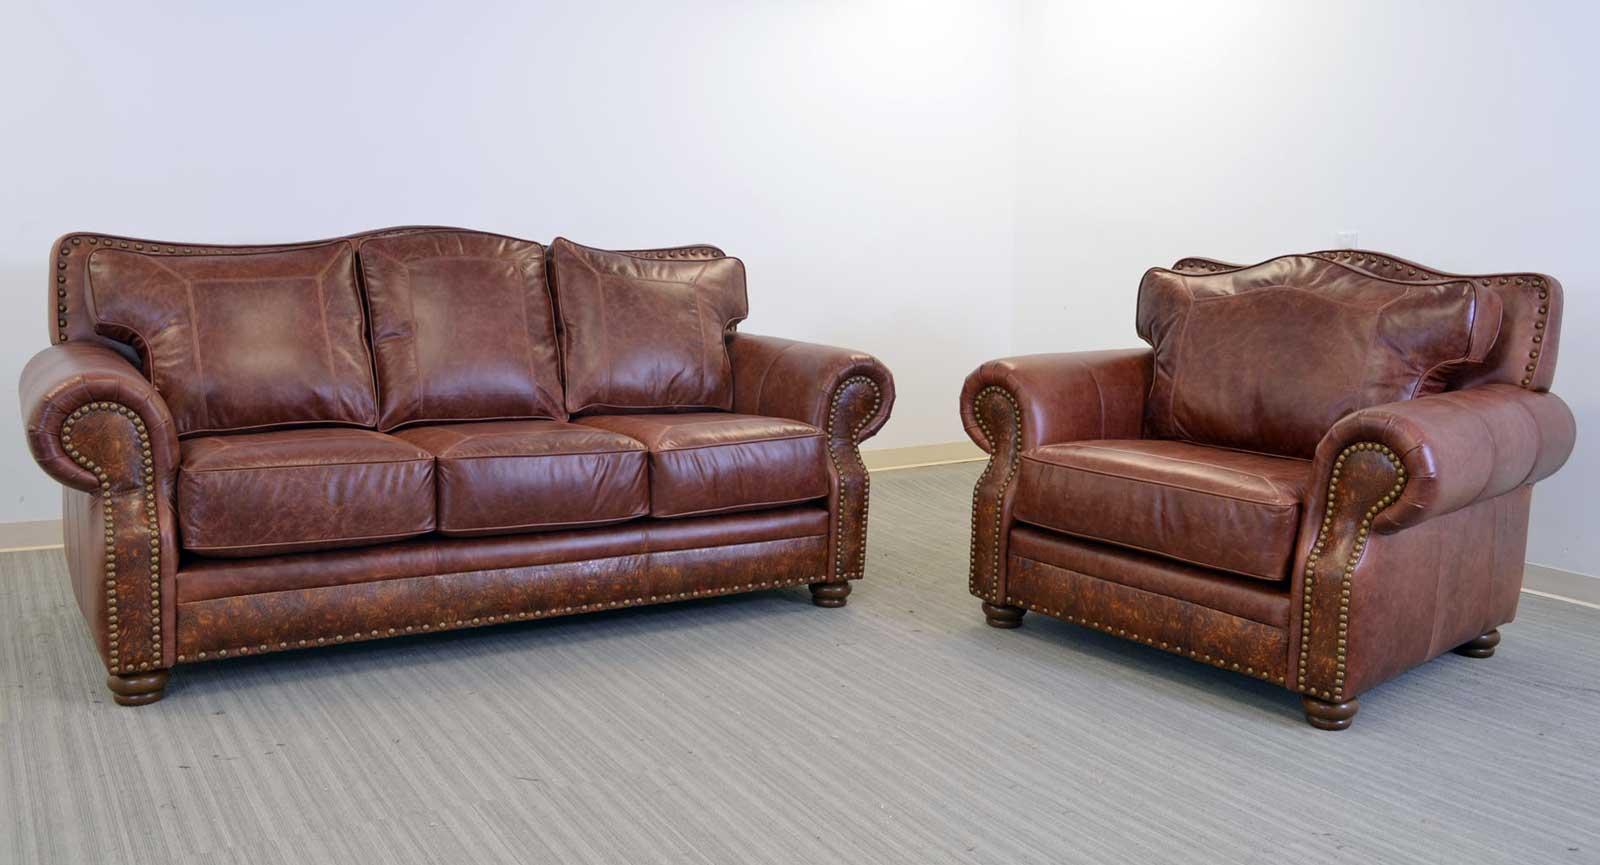 Half Sofa Anne Back Rest Wicker Balikpapan